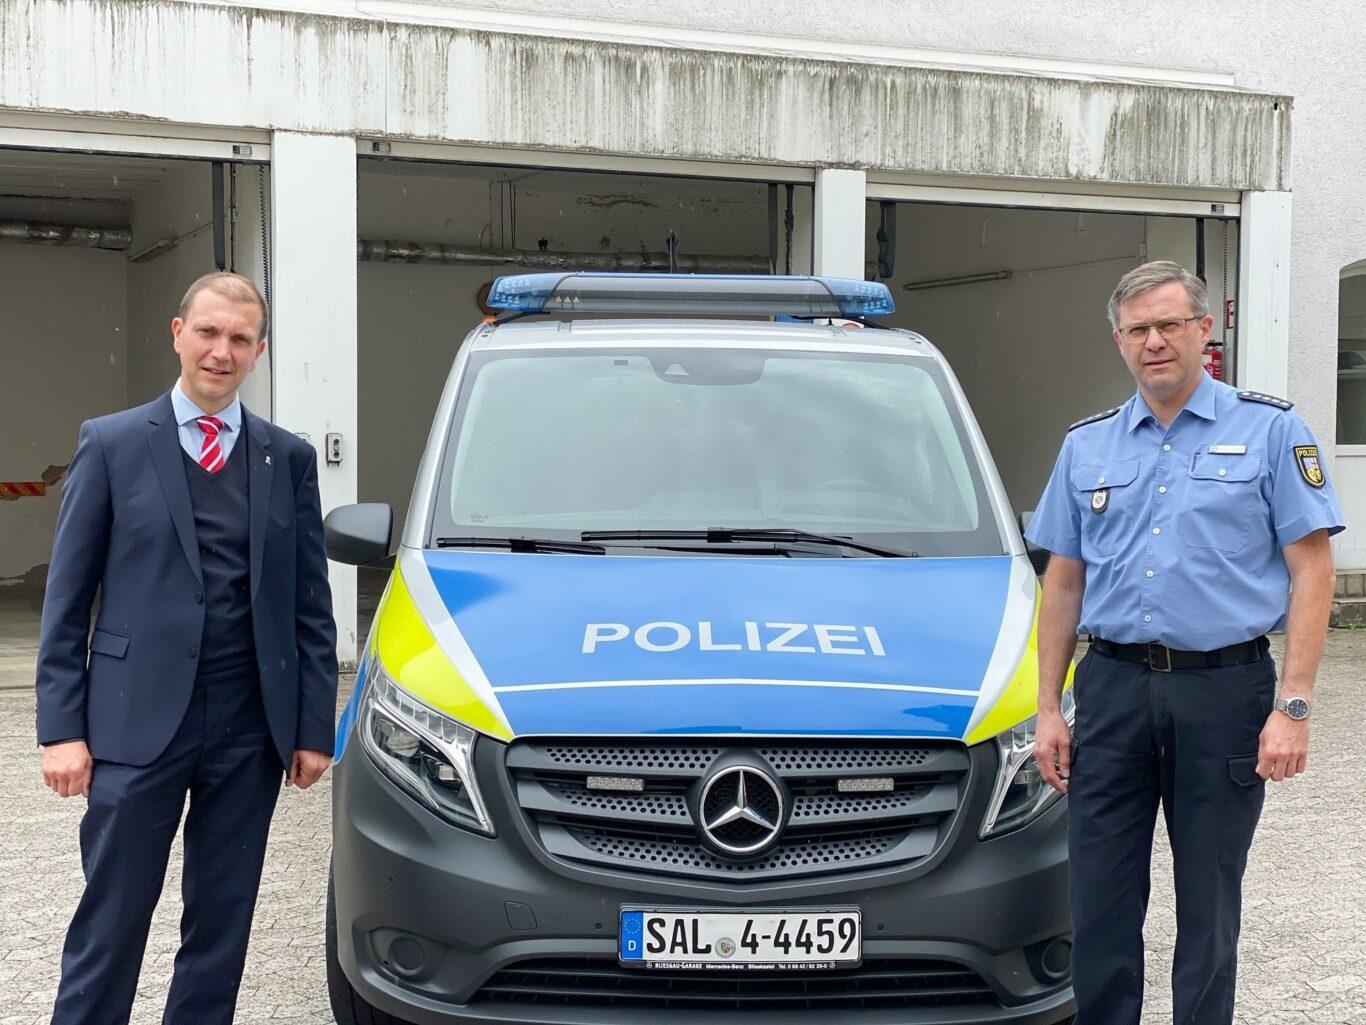 Oberbürgermeister Dr. Ulli Meyer und der stellv. Leiter der Polizeiinspektion St. Ingbert Thorsten Towae | Bild: G. Faragone